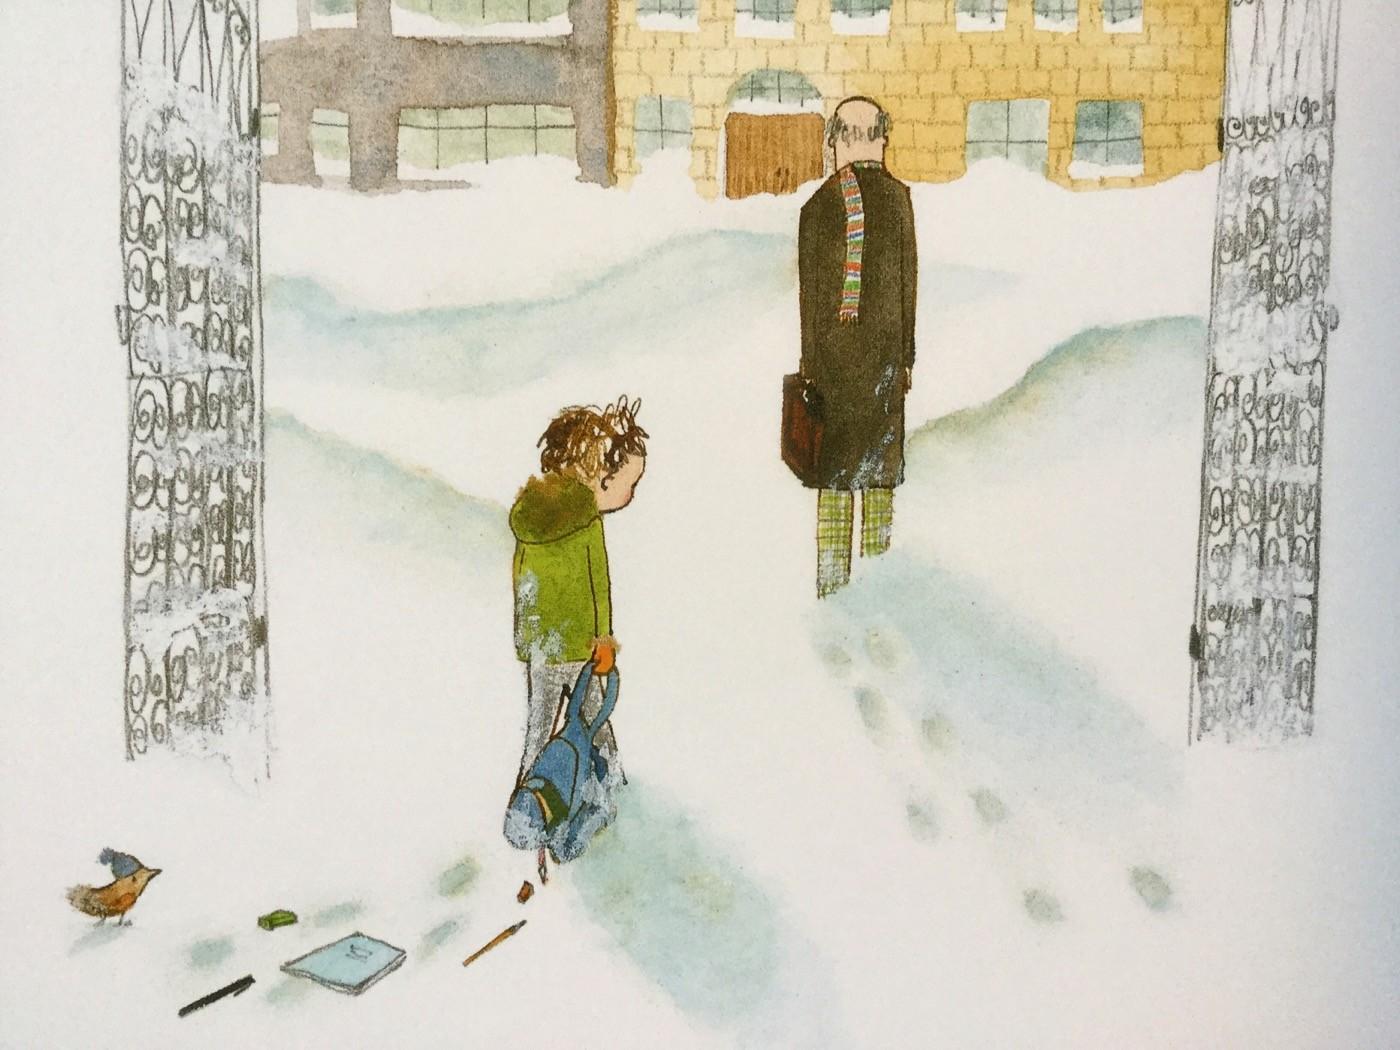 Un'eccezionale nevicata | Curtis | Cobb | Gallucci | Galline Volanti